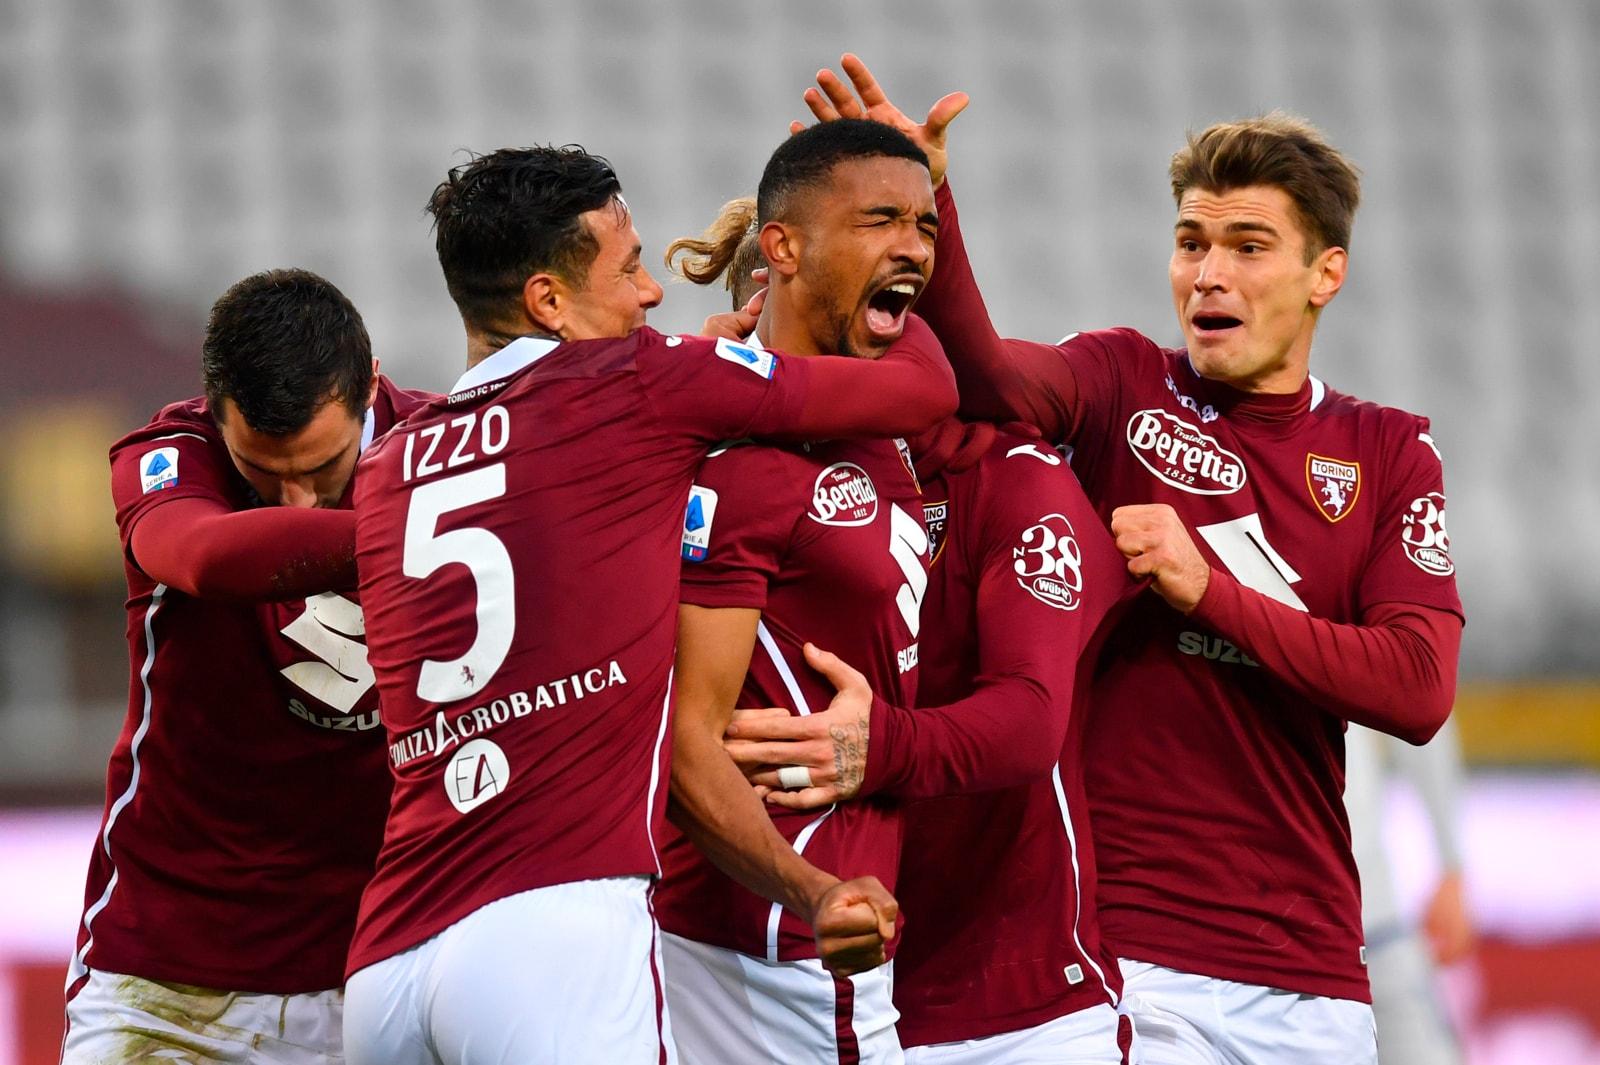 Bremer salva il Torino, al Verona non basta la magia di Dimarco